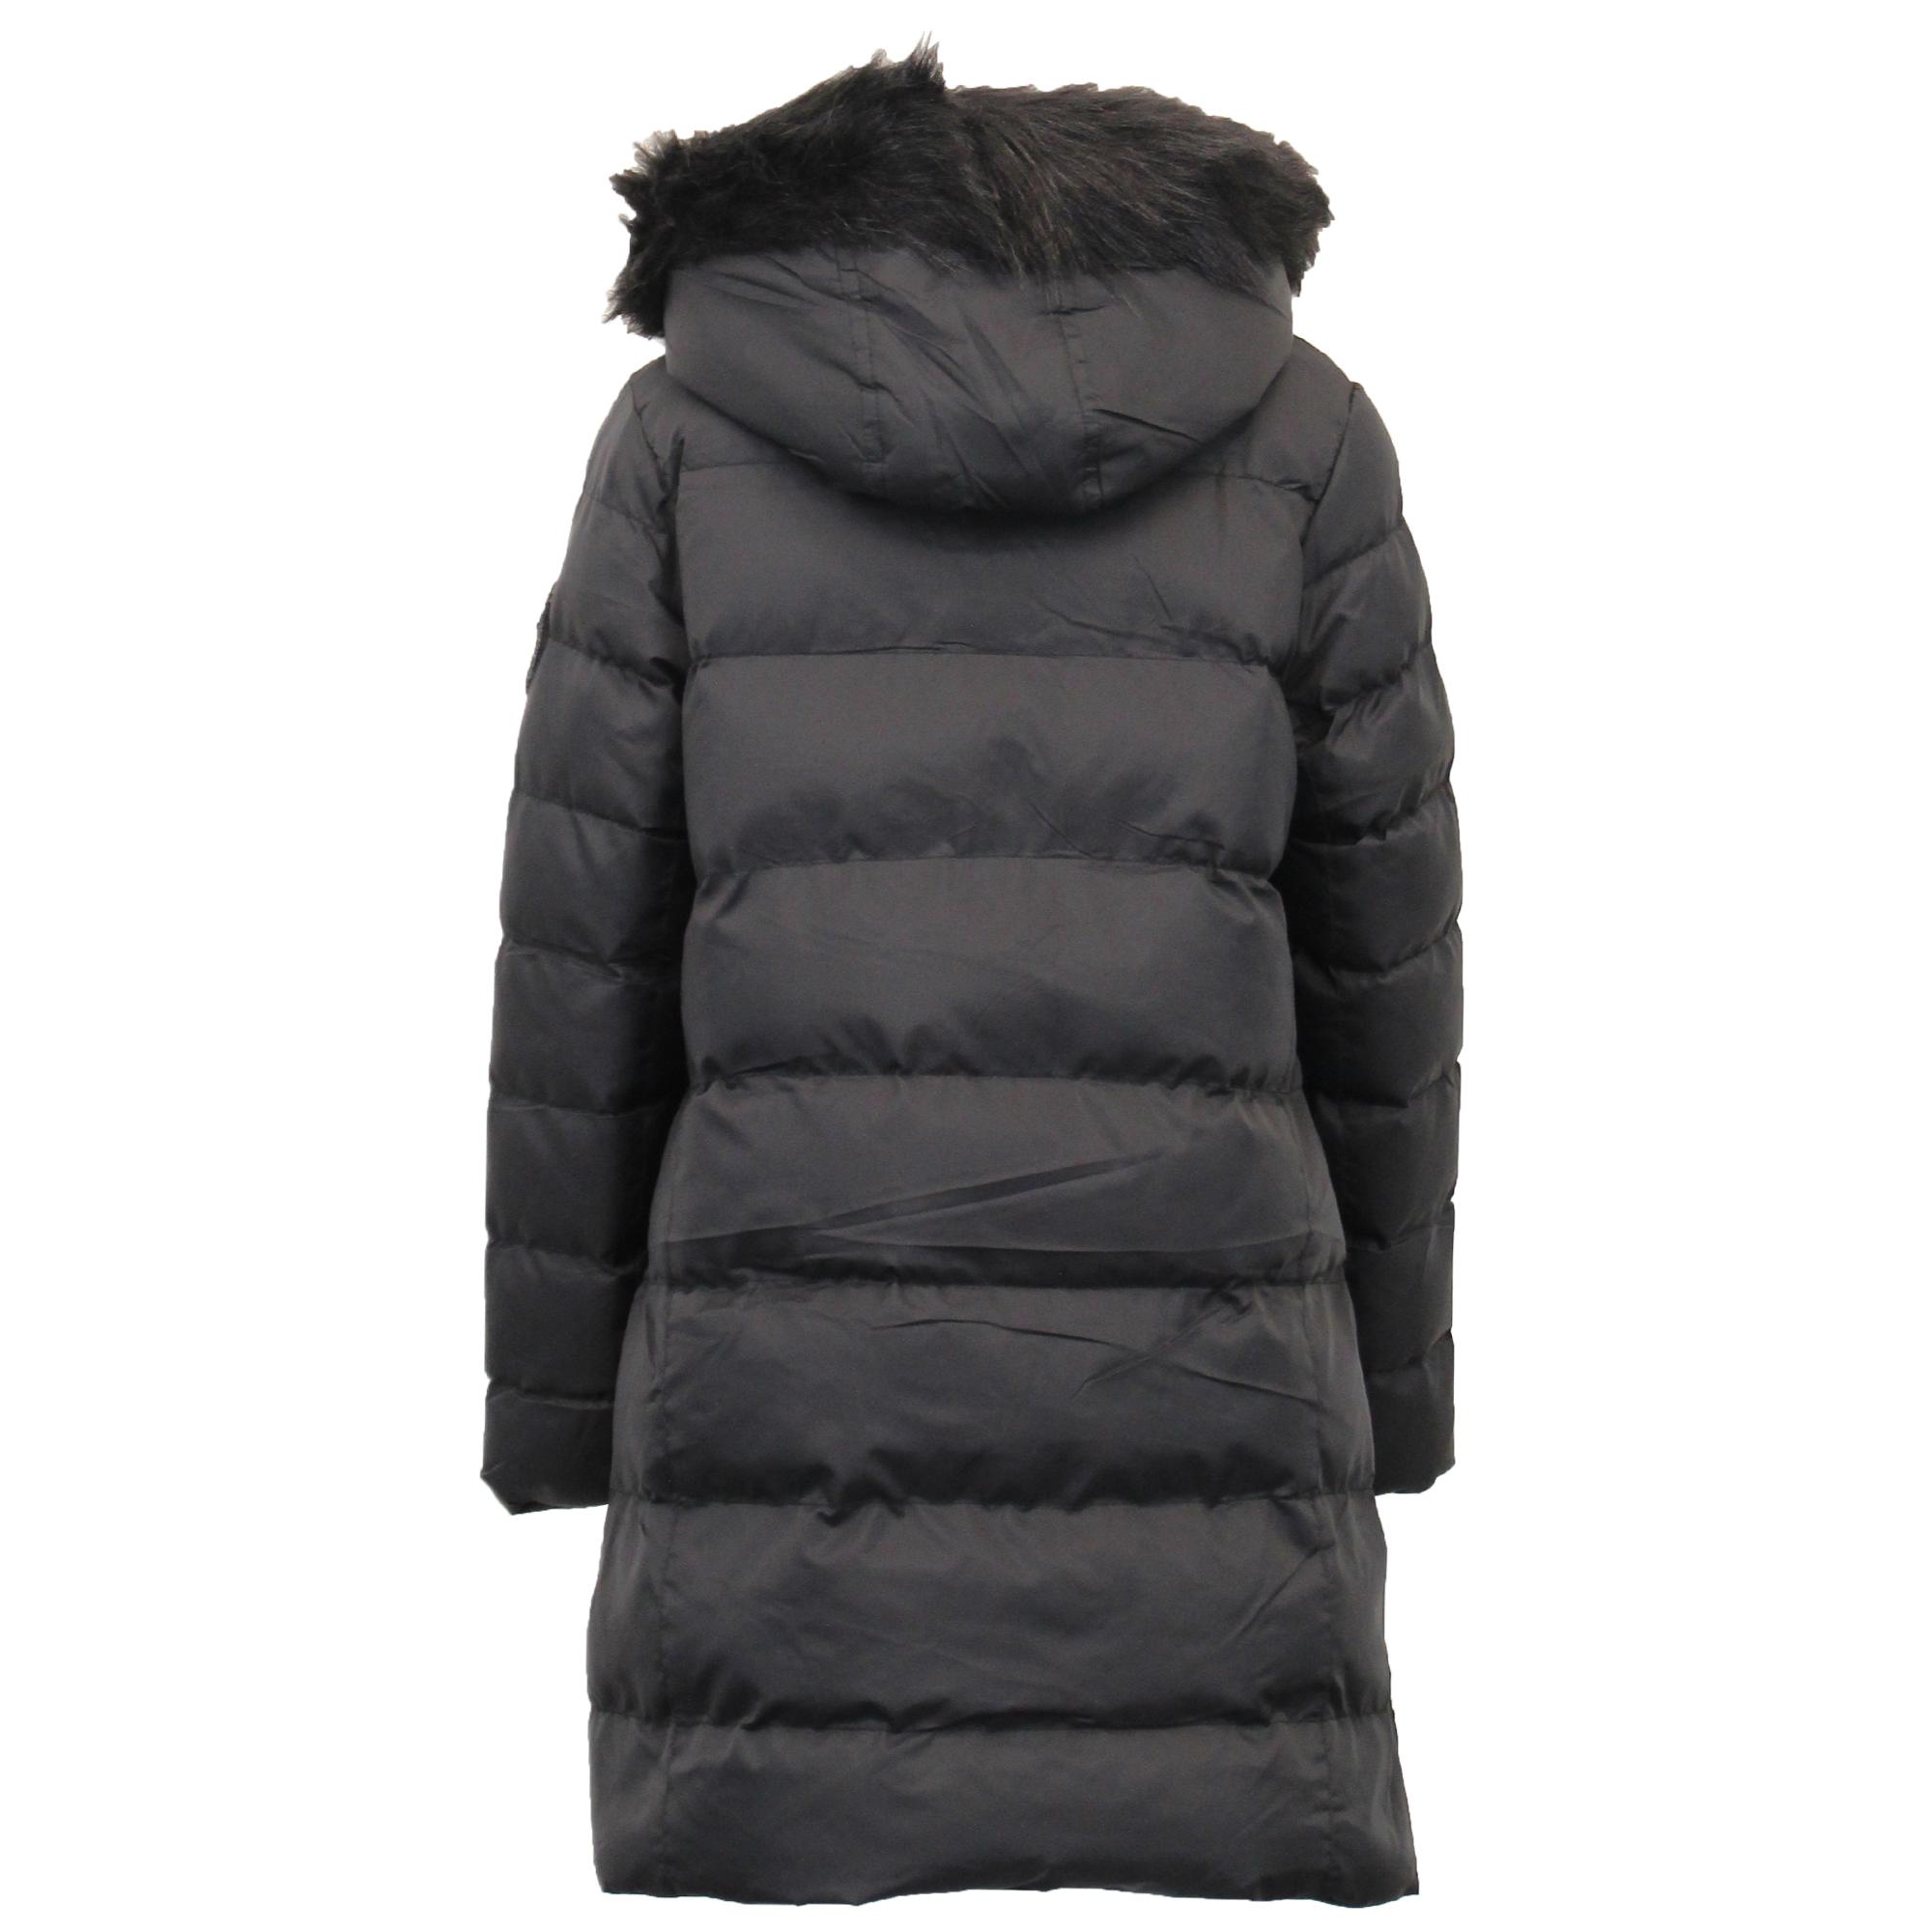 Le-ragazze-giacca-Lunga-Parka-BUBBLE-Brave-Soul-Bambini-Felpa-Con-Cappuccio-Cappotto-Imbottito miniatura 5